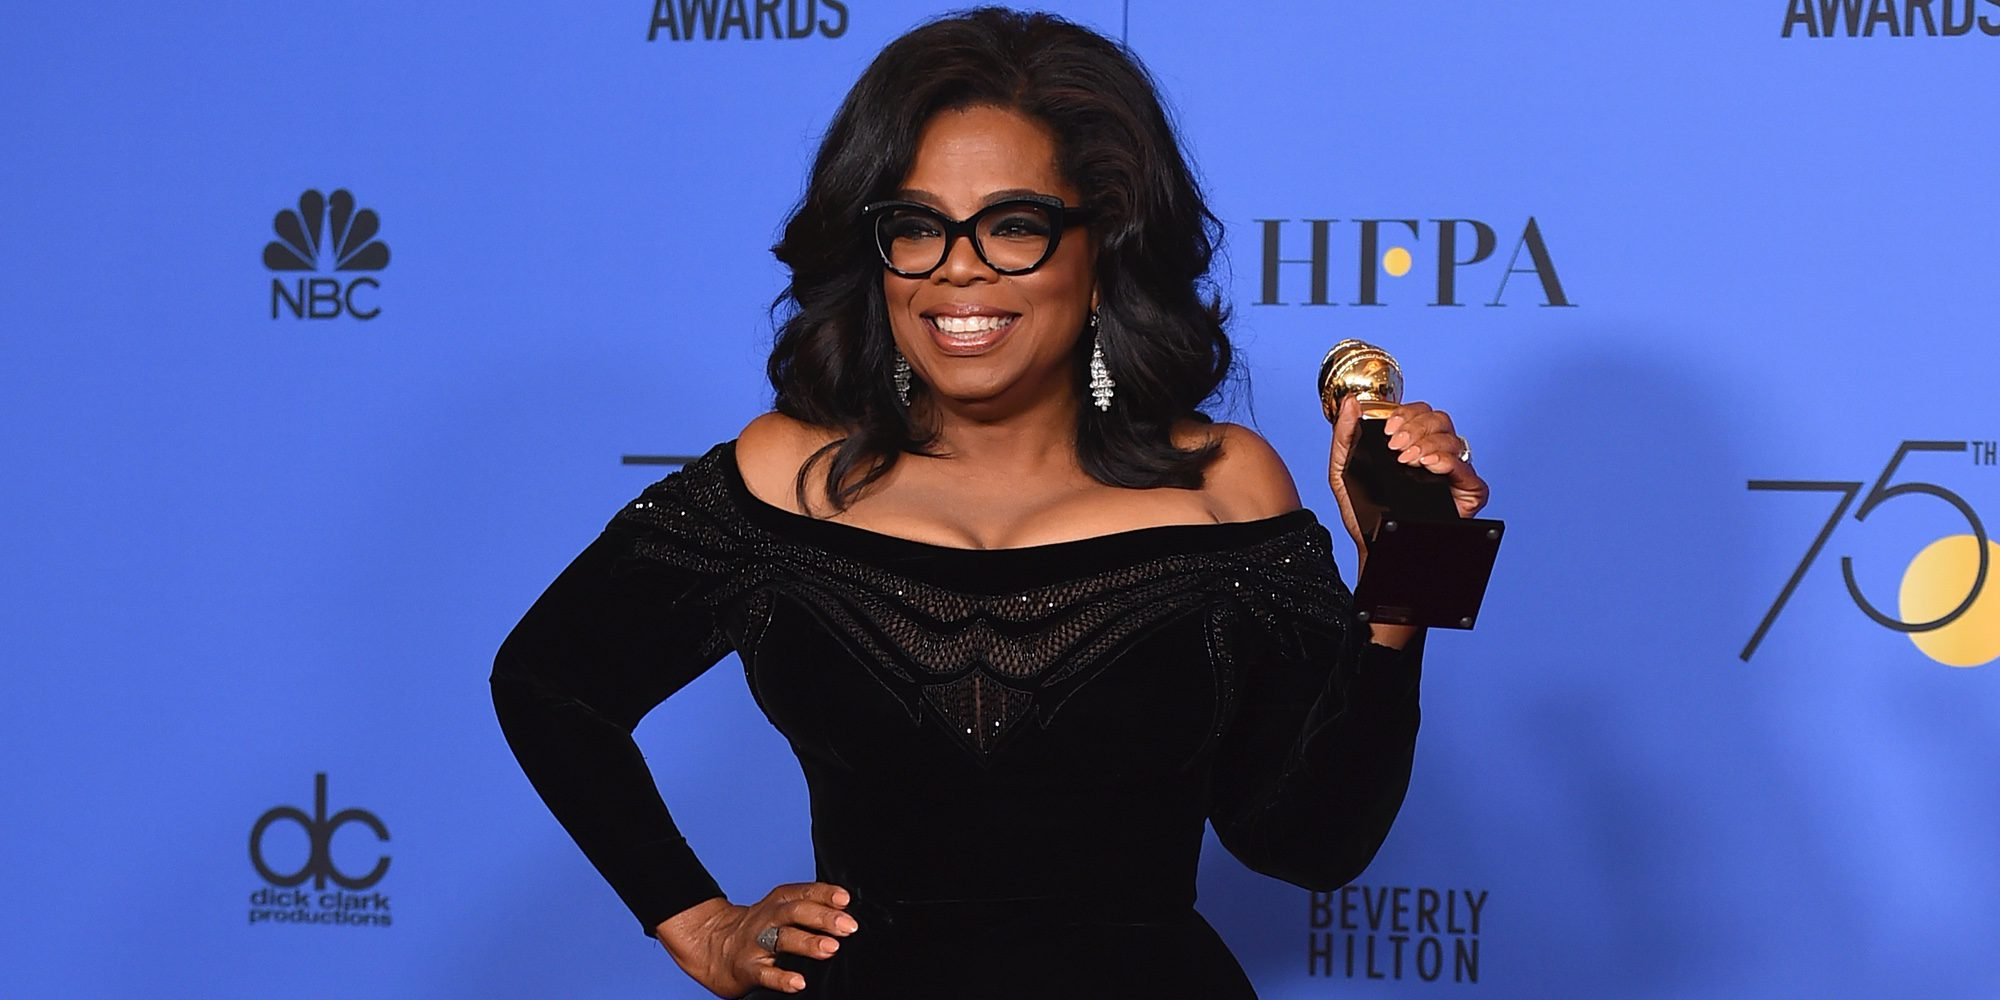 El poderoso discurso de Oprah Winfrey al recibir el premio honorífico Cecil B. DeMille